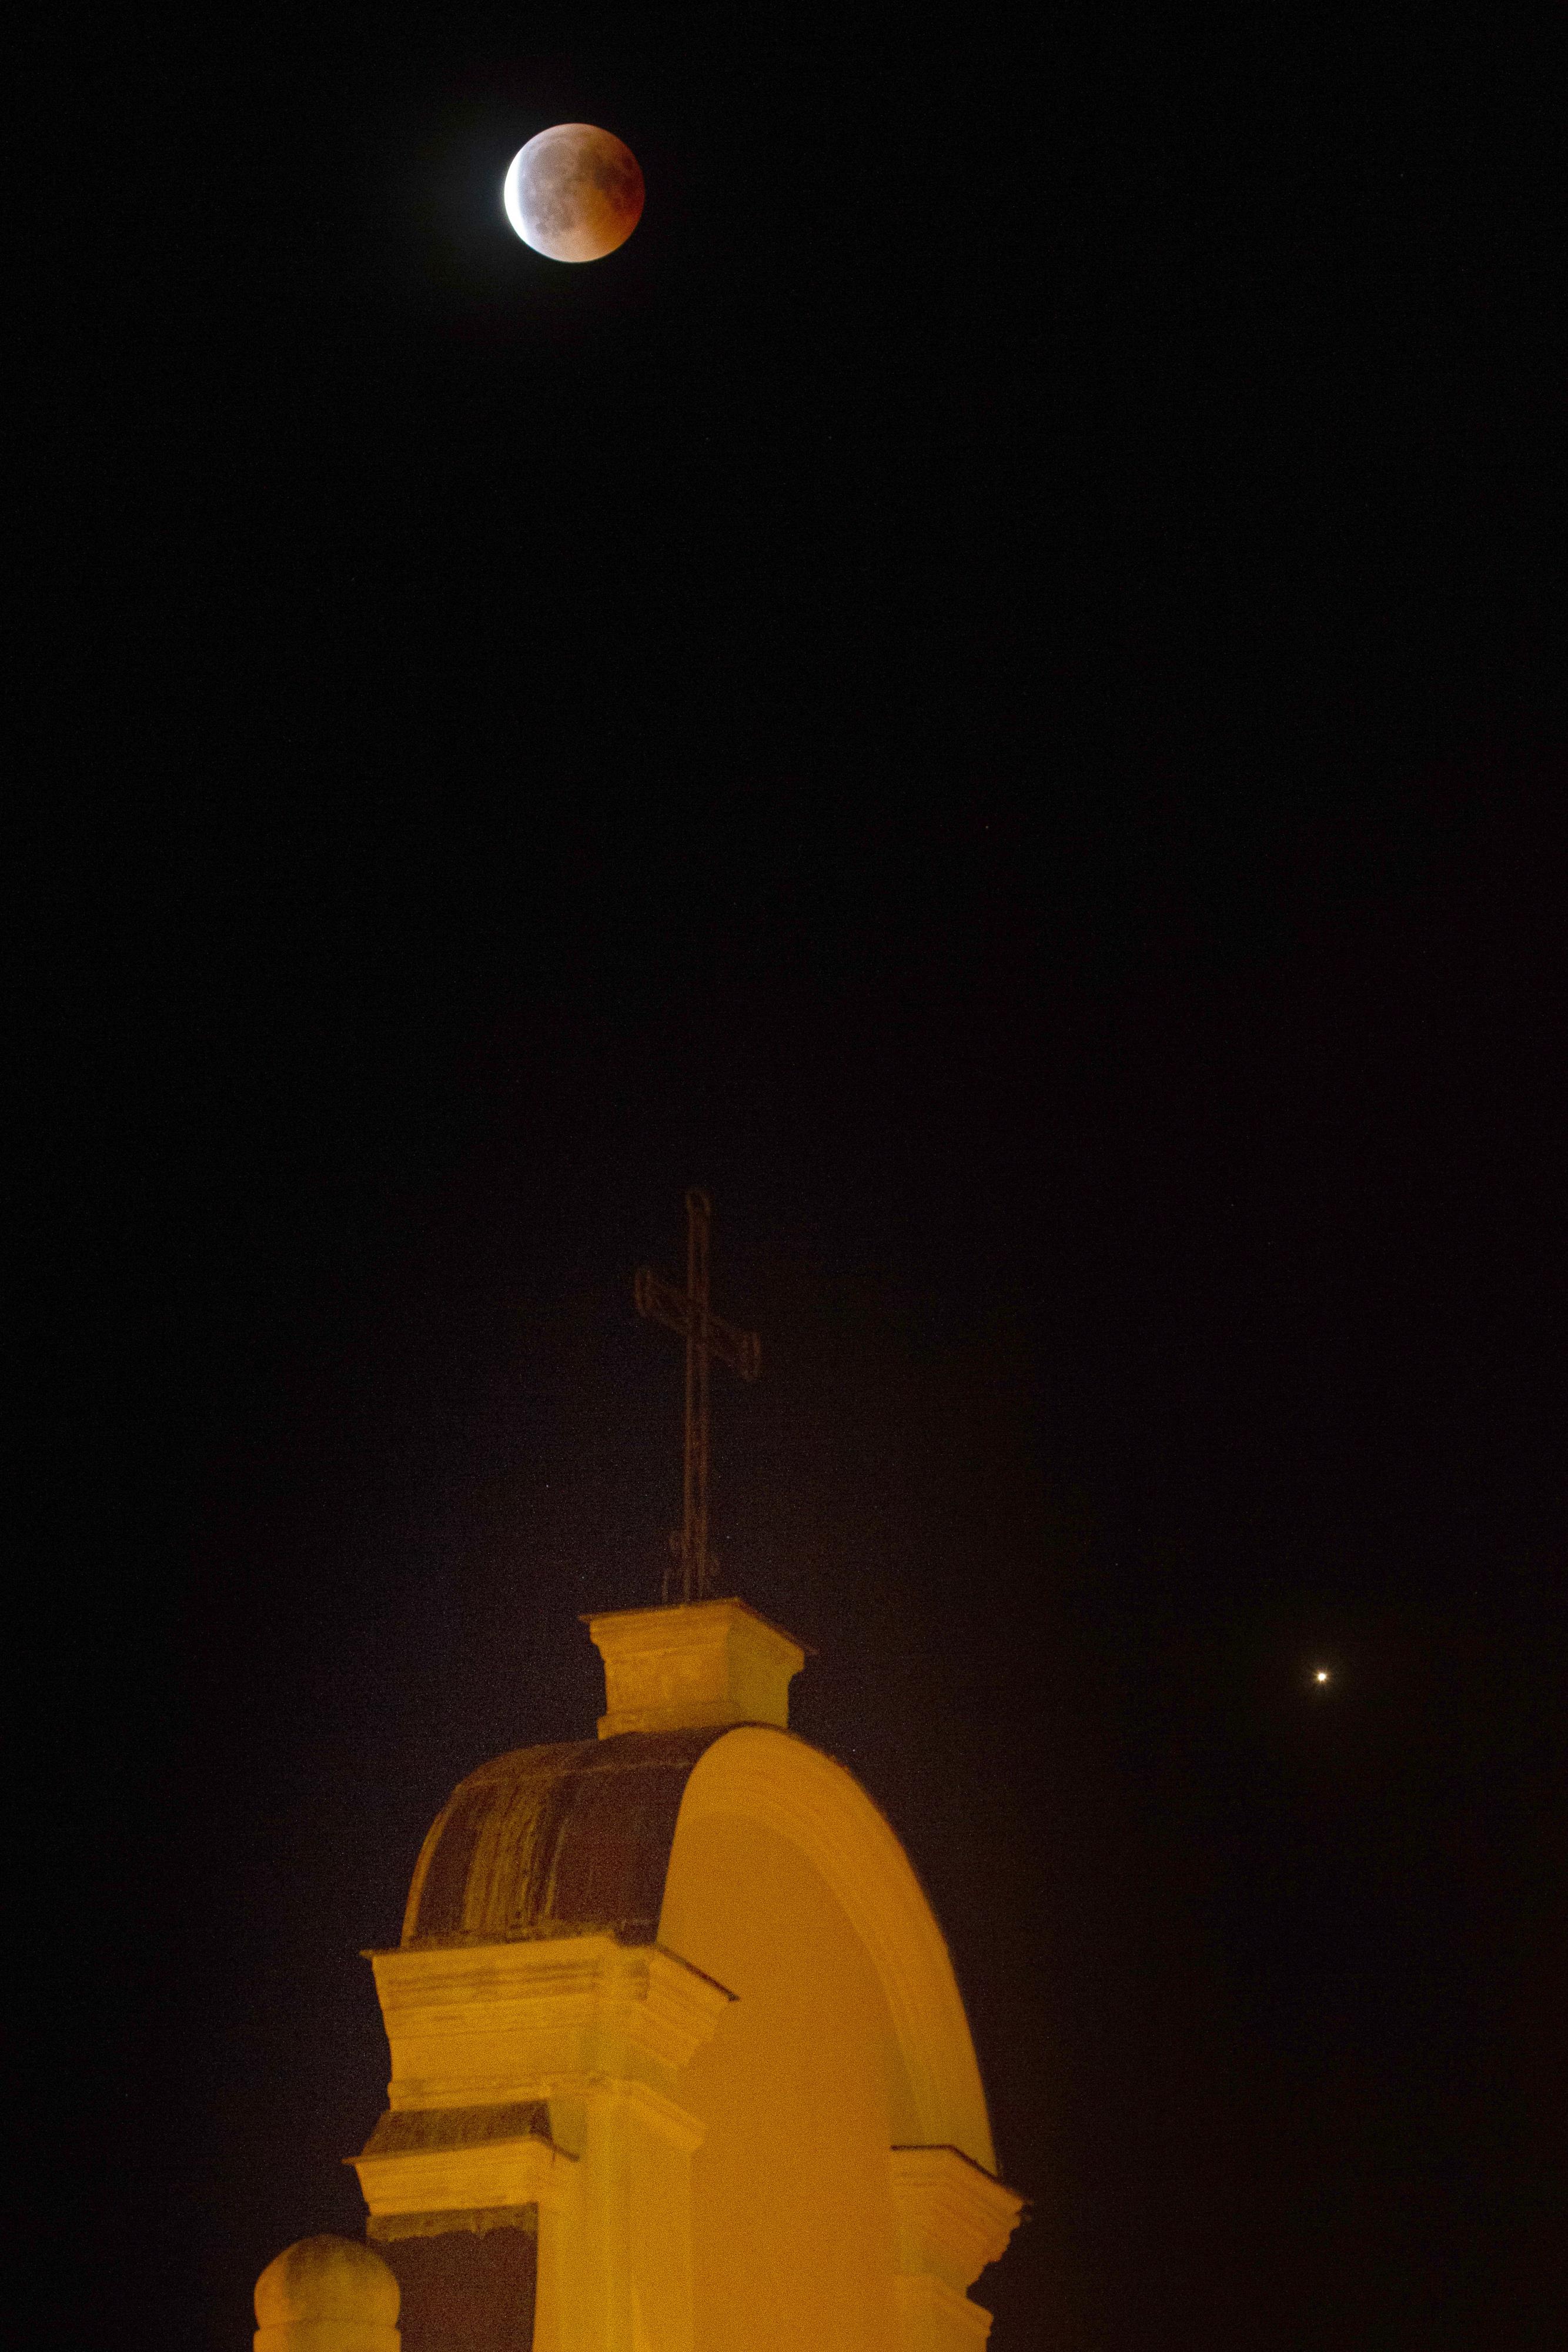 Eclipse du 27 juillet, la Lune sort de l'ombre, accompagnée de la planète Mars (Cargèse, Corse du sud)